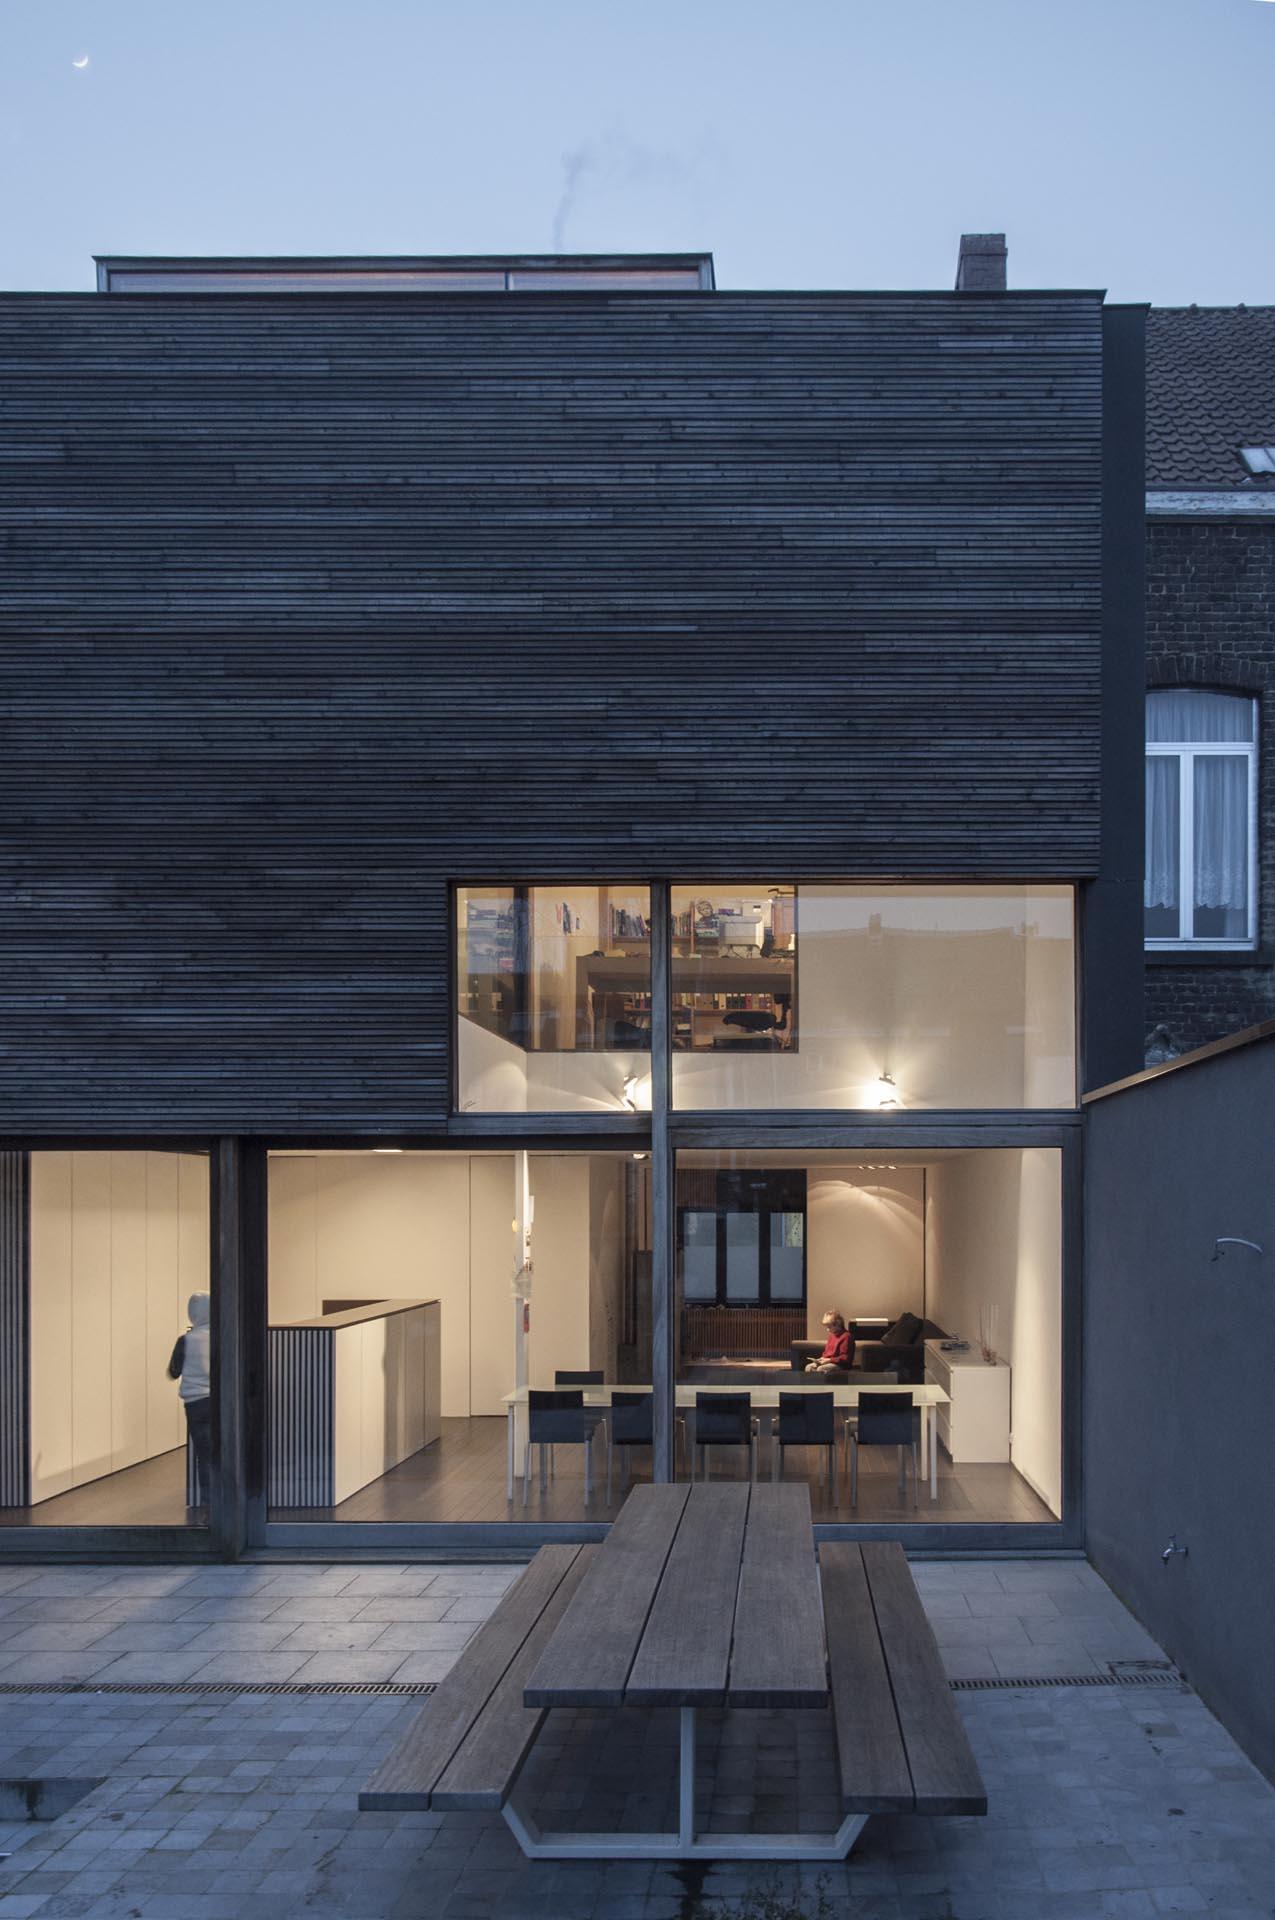 Woning t a gent bruno vanbesien architects - Uitbreiding huis glas ...